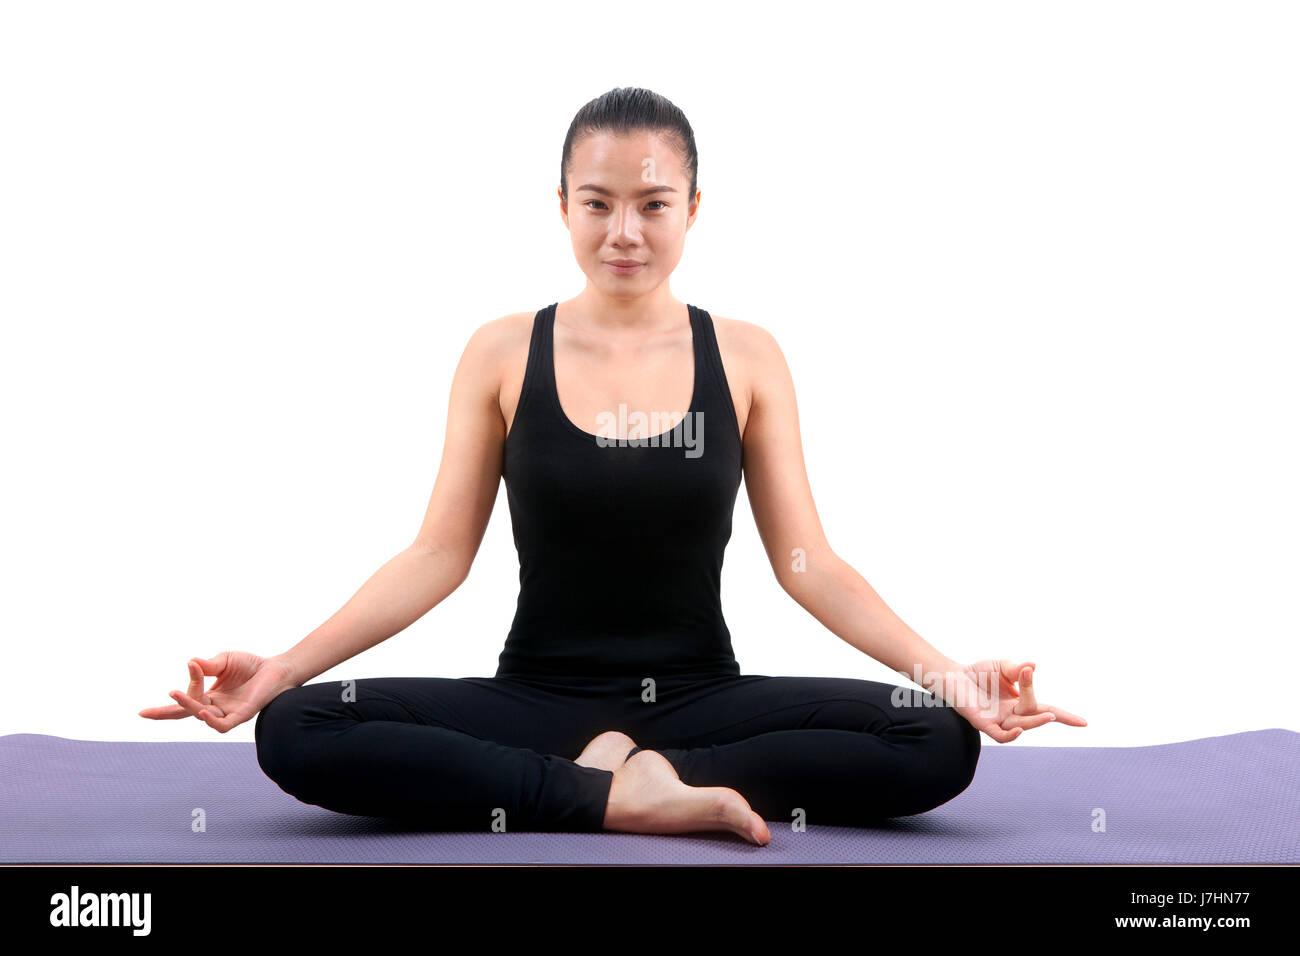 8561d2c6b Retrato de mujer asiática vistiendo traje de cuerpo negro sentado en  posición de meditación yoga Imagen